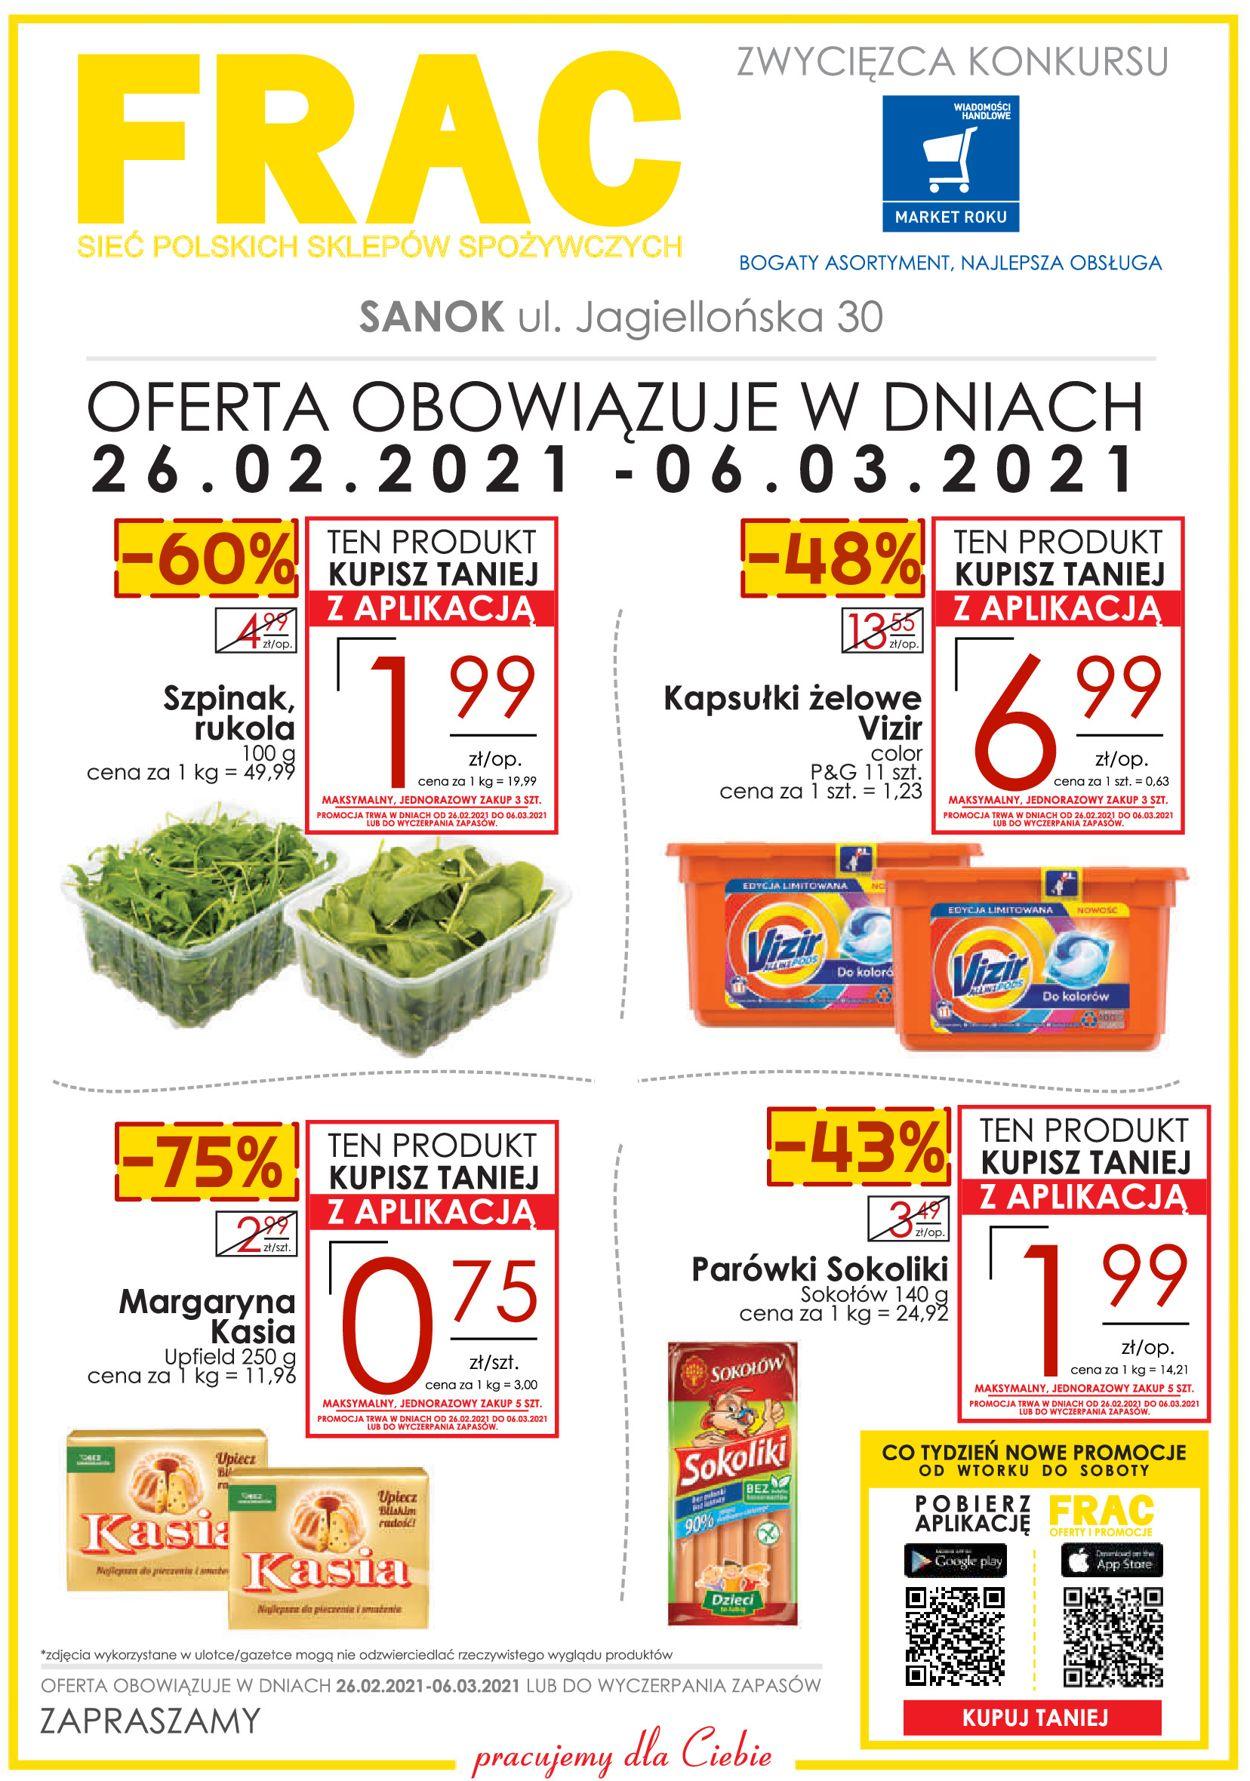 Gazetka promocyjna Frac - SANOK - 26.02-06.03.2021